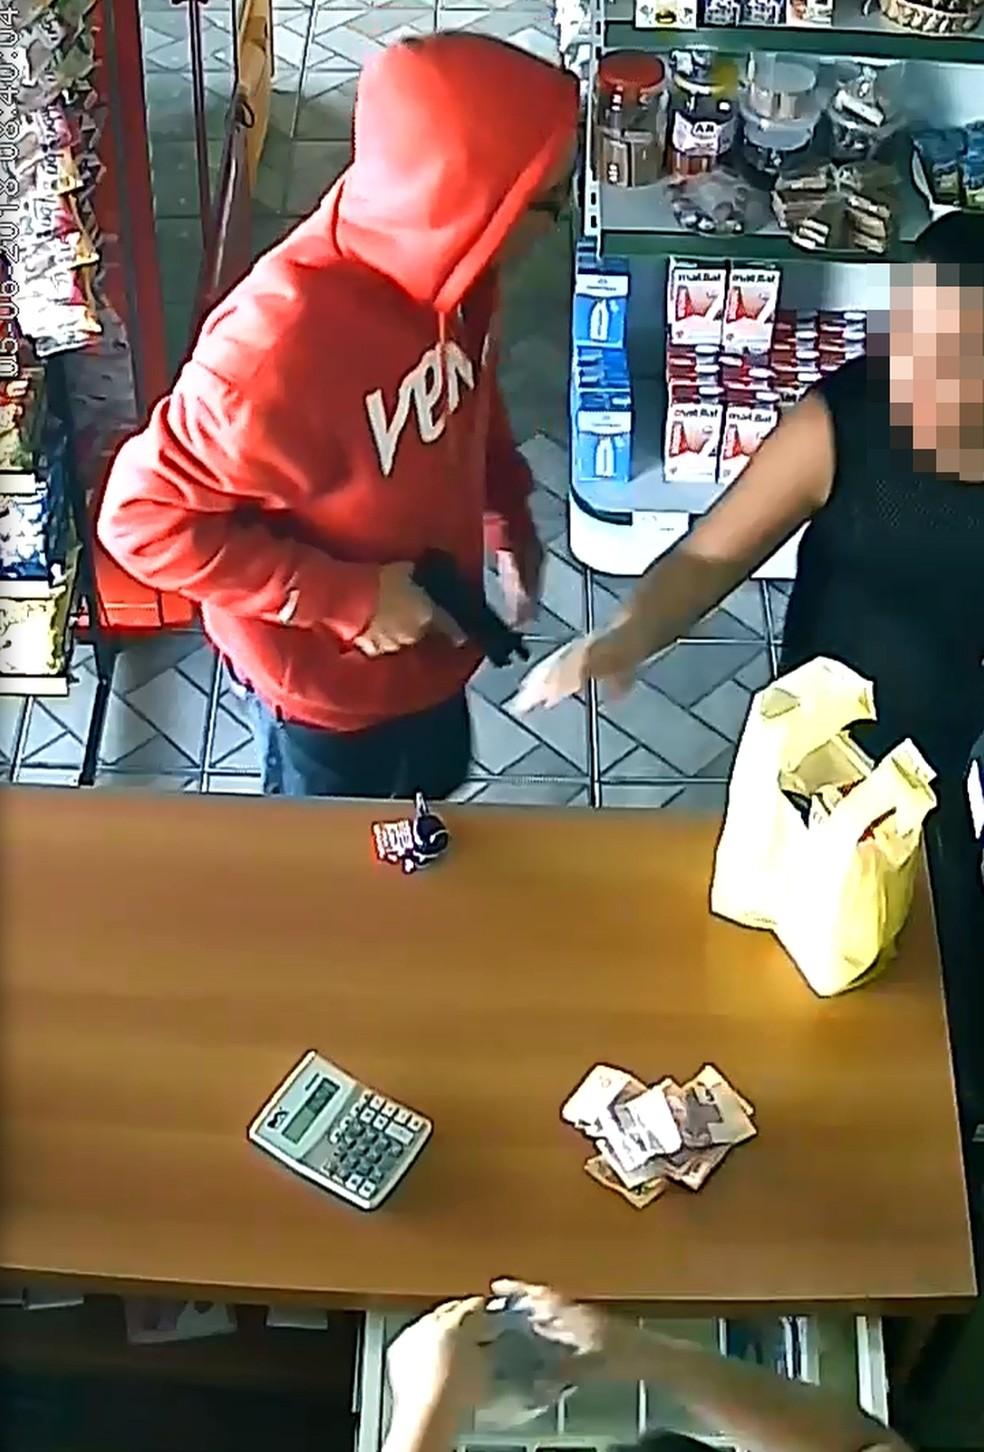 Ladrão levou dinheiro que estava no caixa, mas acabou preso (Foto: Reprodução/Câmera de segurança)